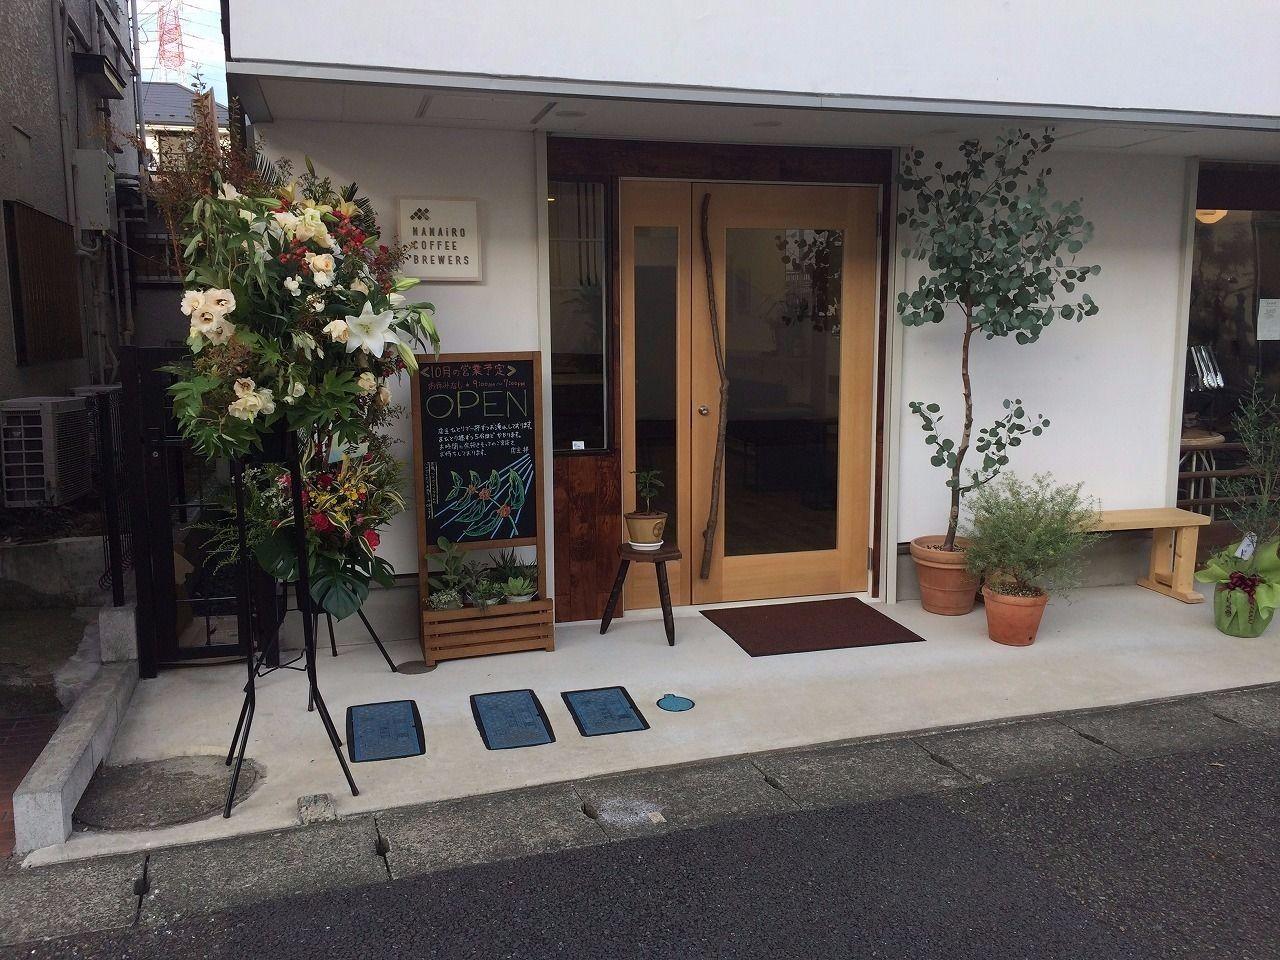 新規オープン・NANAiRO COFFEE BREWERS 横浜市都筑区すみれが丘20-6-102号室